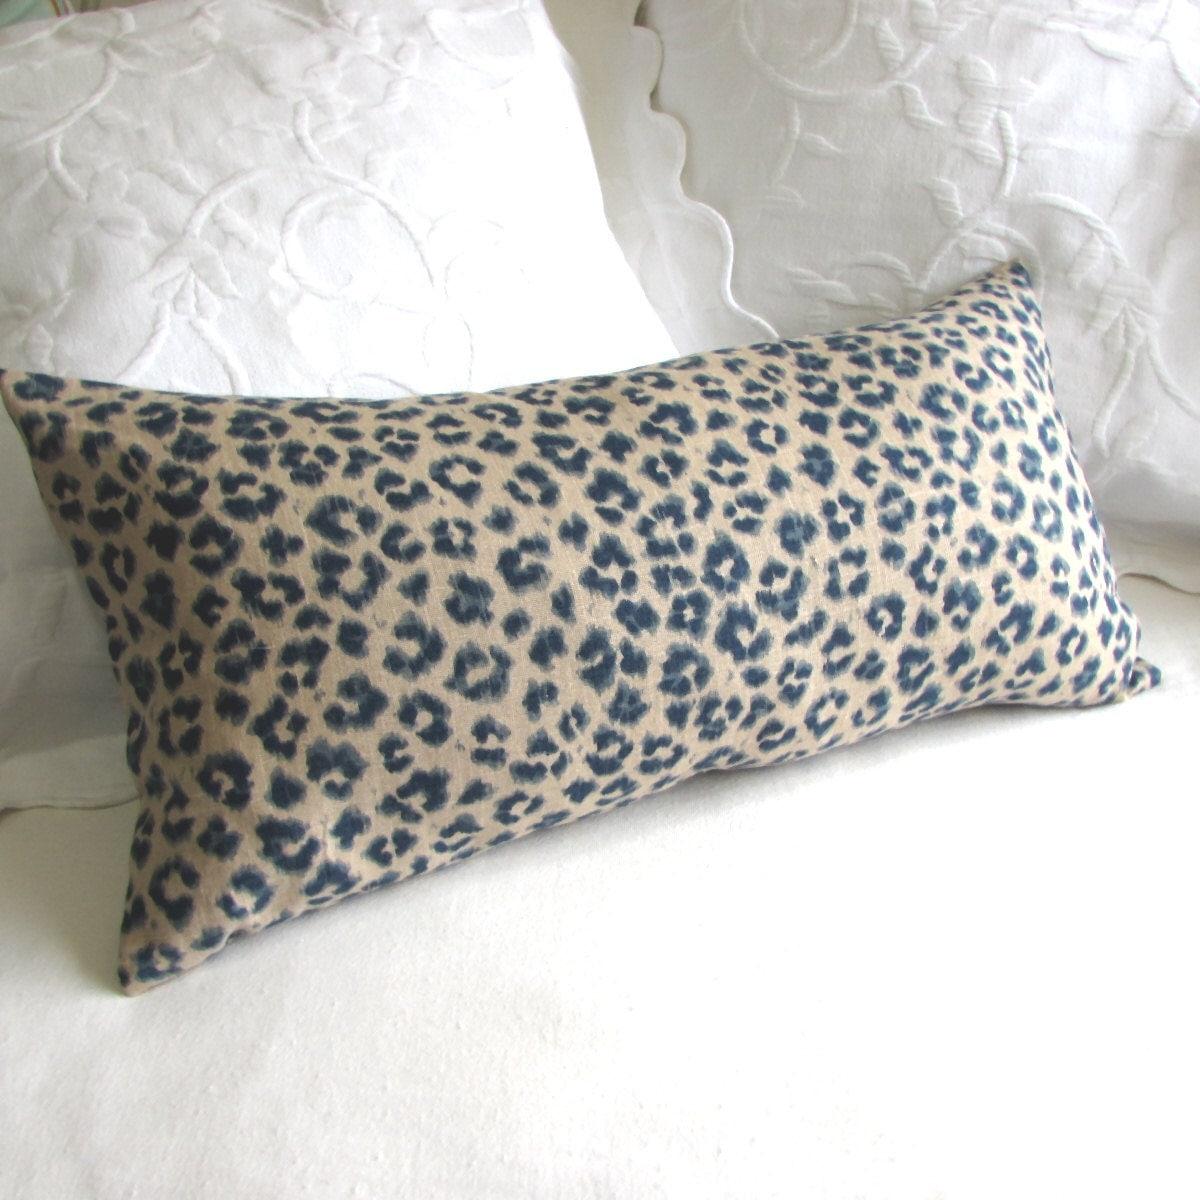 CHEETAH LINEN lumbar bolster throw pillow 13x26 insert